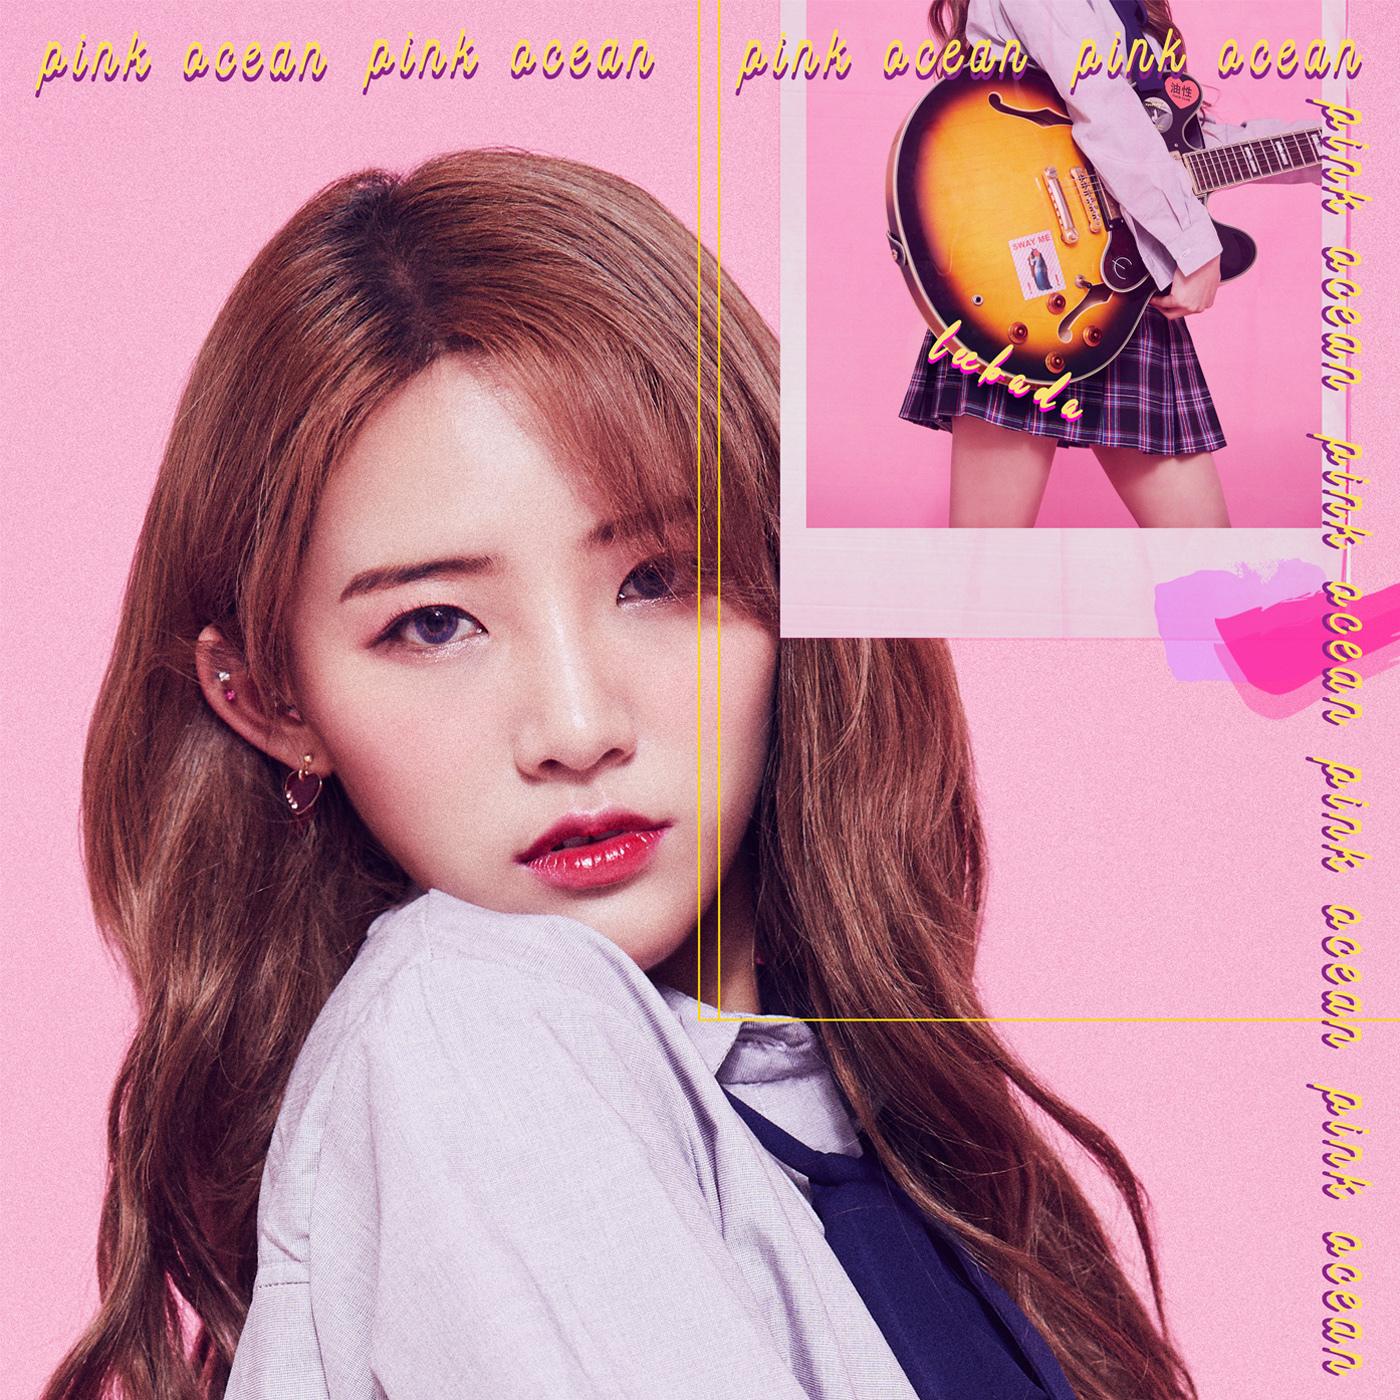 20180720.0219.4 Lee Bada - Pink Ocean (FLAC) cover.jpg